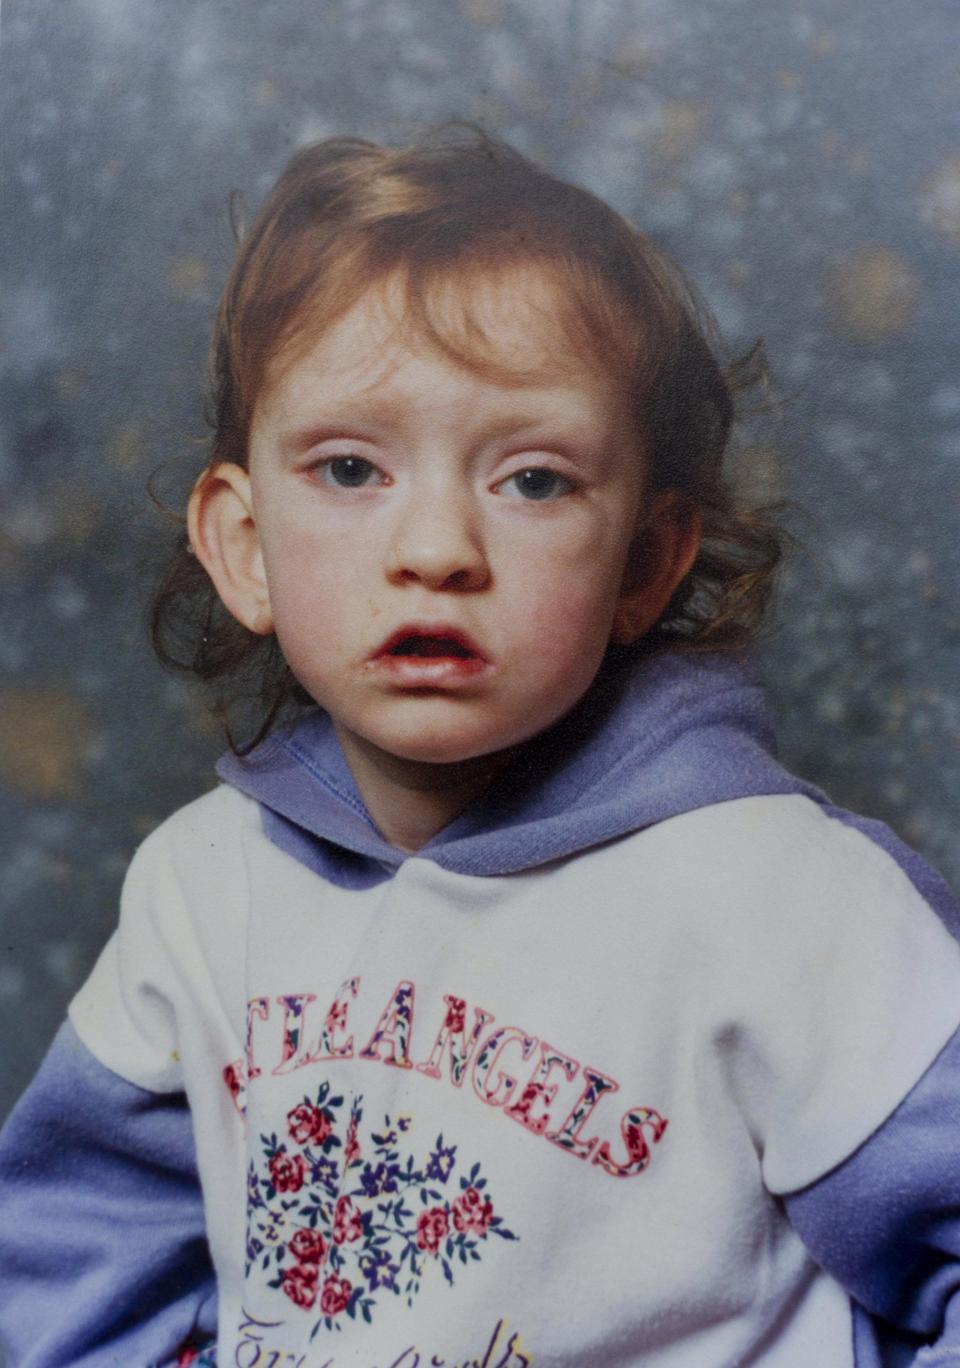 13 án chung thân cho nữ y tá tử thần giết hại hàng loạt đứa trẻ vô tội gây rúng động nước Anh 27 năm trước-5